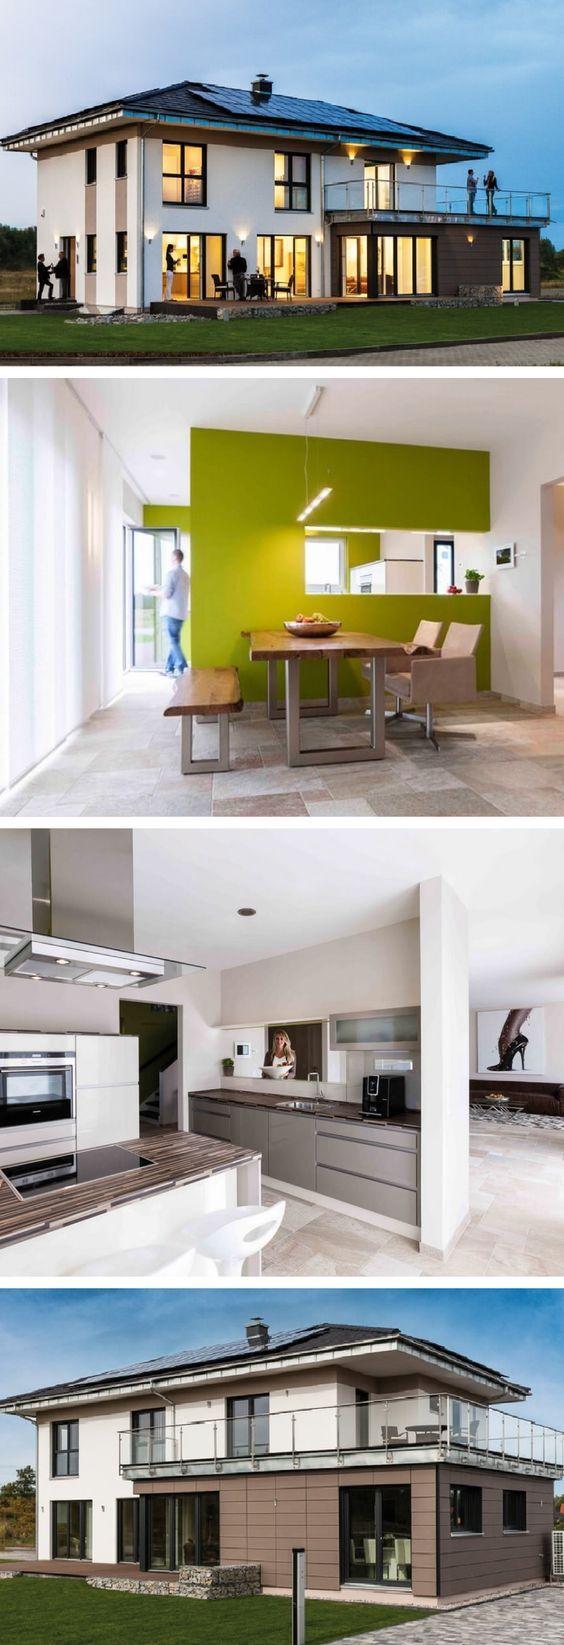 Stadtvilla modern mit Anbau für Einliegerwohnung Büro – Fertighaus mit Walmdach Linz Sonderplanung Kampa Haus – HausbauDirekt.de   – Andre